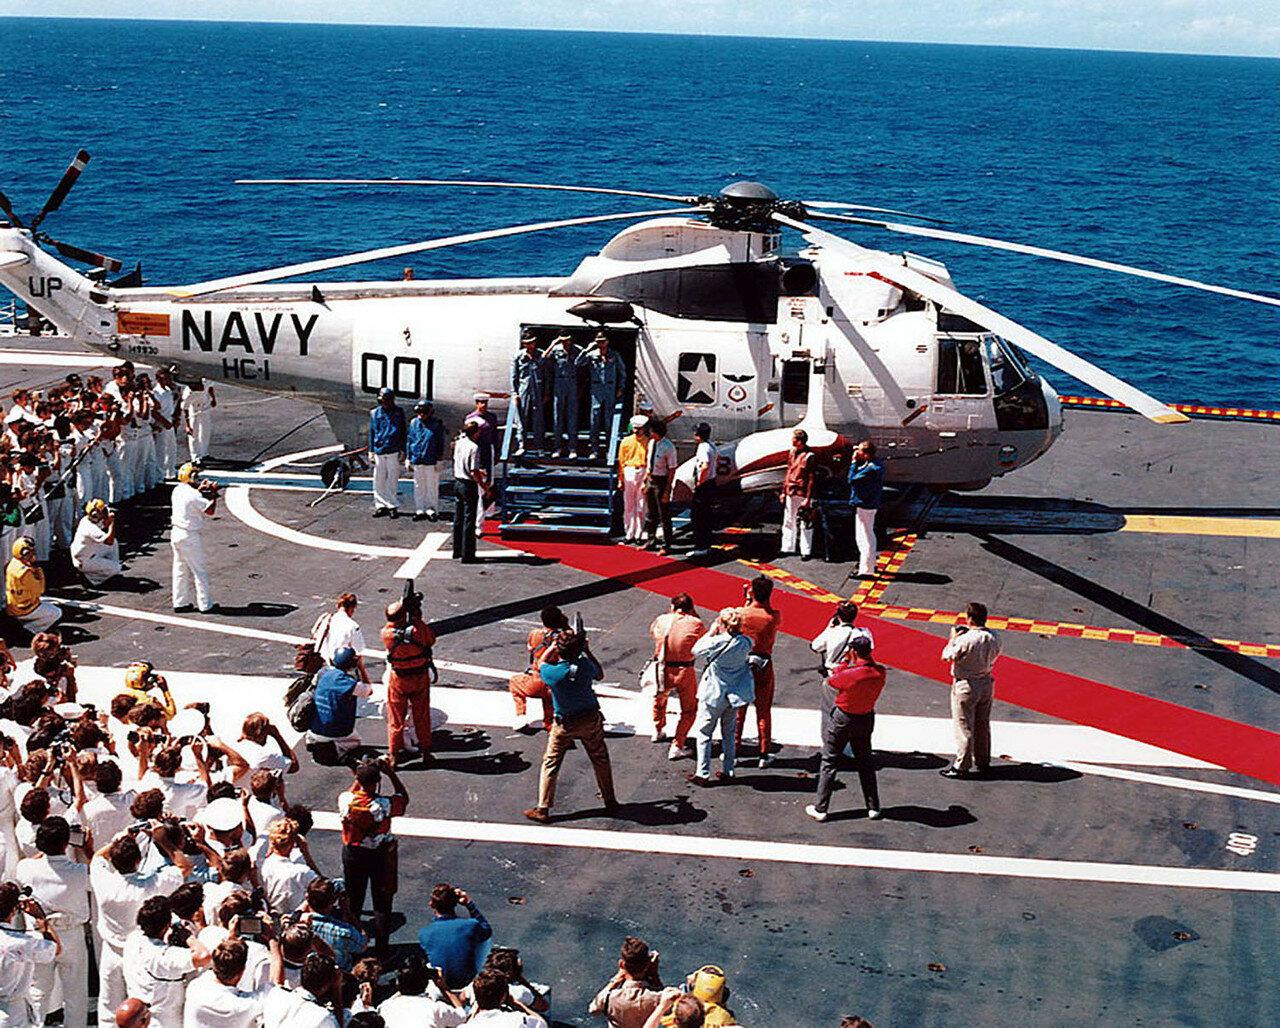 Экипаж был доставлен на борт авианосца ВМФ США USS Ticonderoga через 37 минут после приводнения. На снимке: Экипаж «Аполлон-16» доставлен на борт авианосца USS Ticonderoga